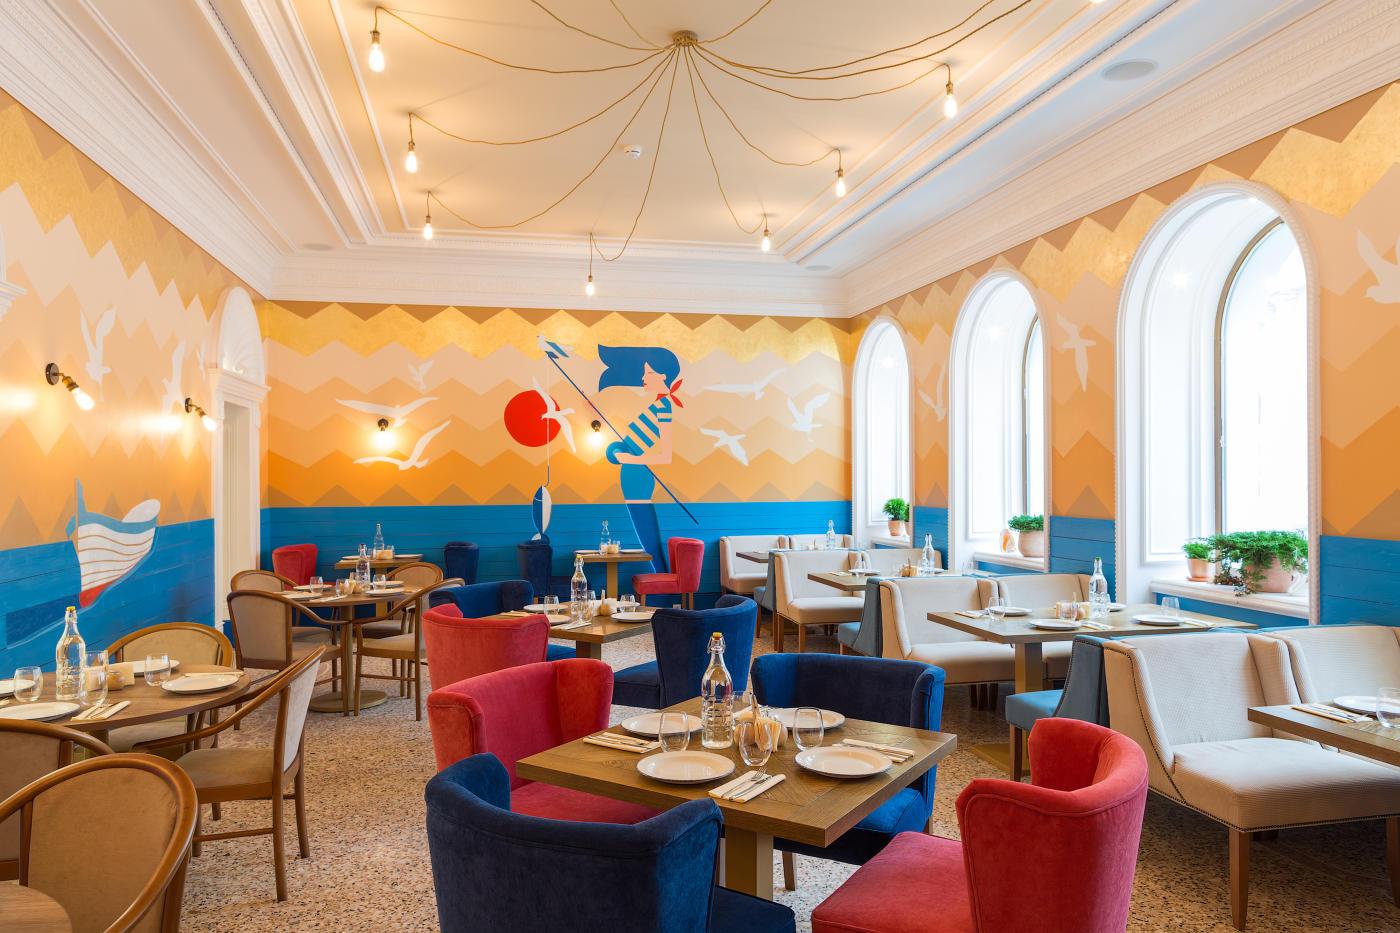 Крымский Ресторан Крымская кухня на Пятницкой (Добрынинская) фото 4